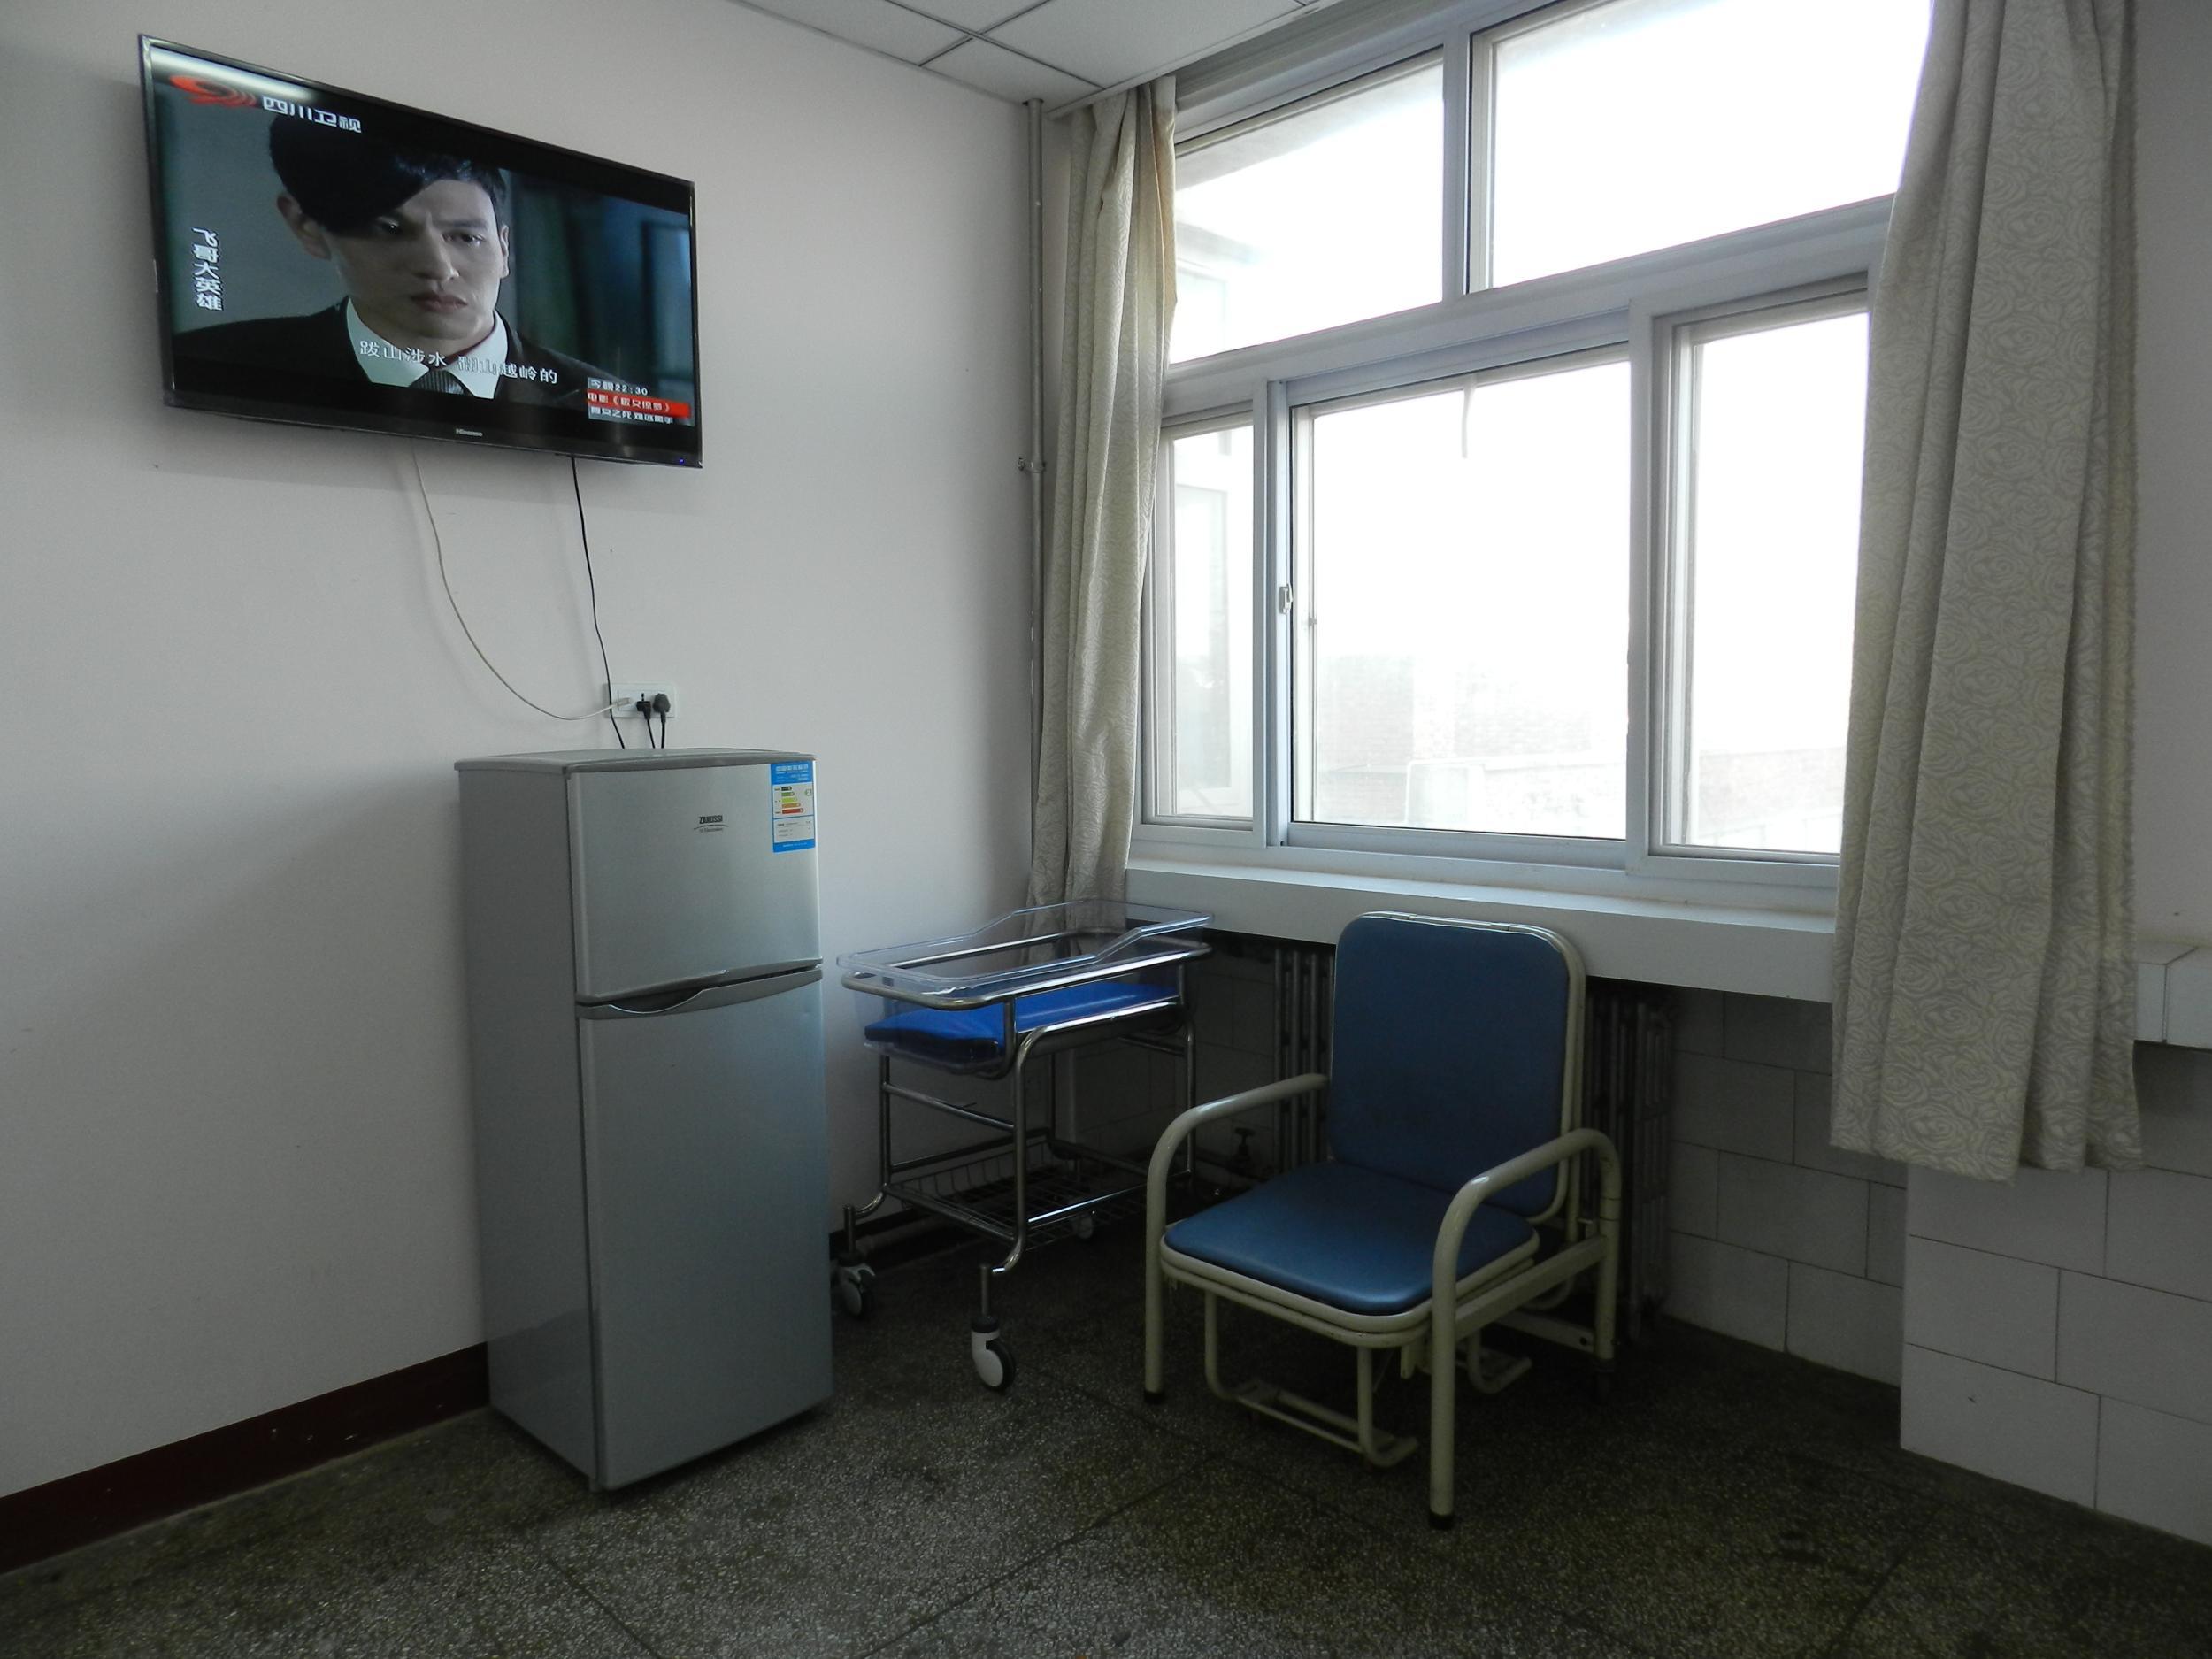 妇产科温馨病房展示--天津市第四医院